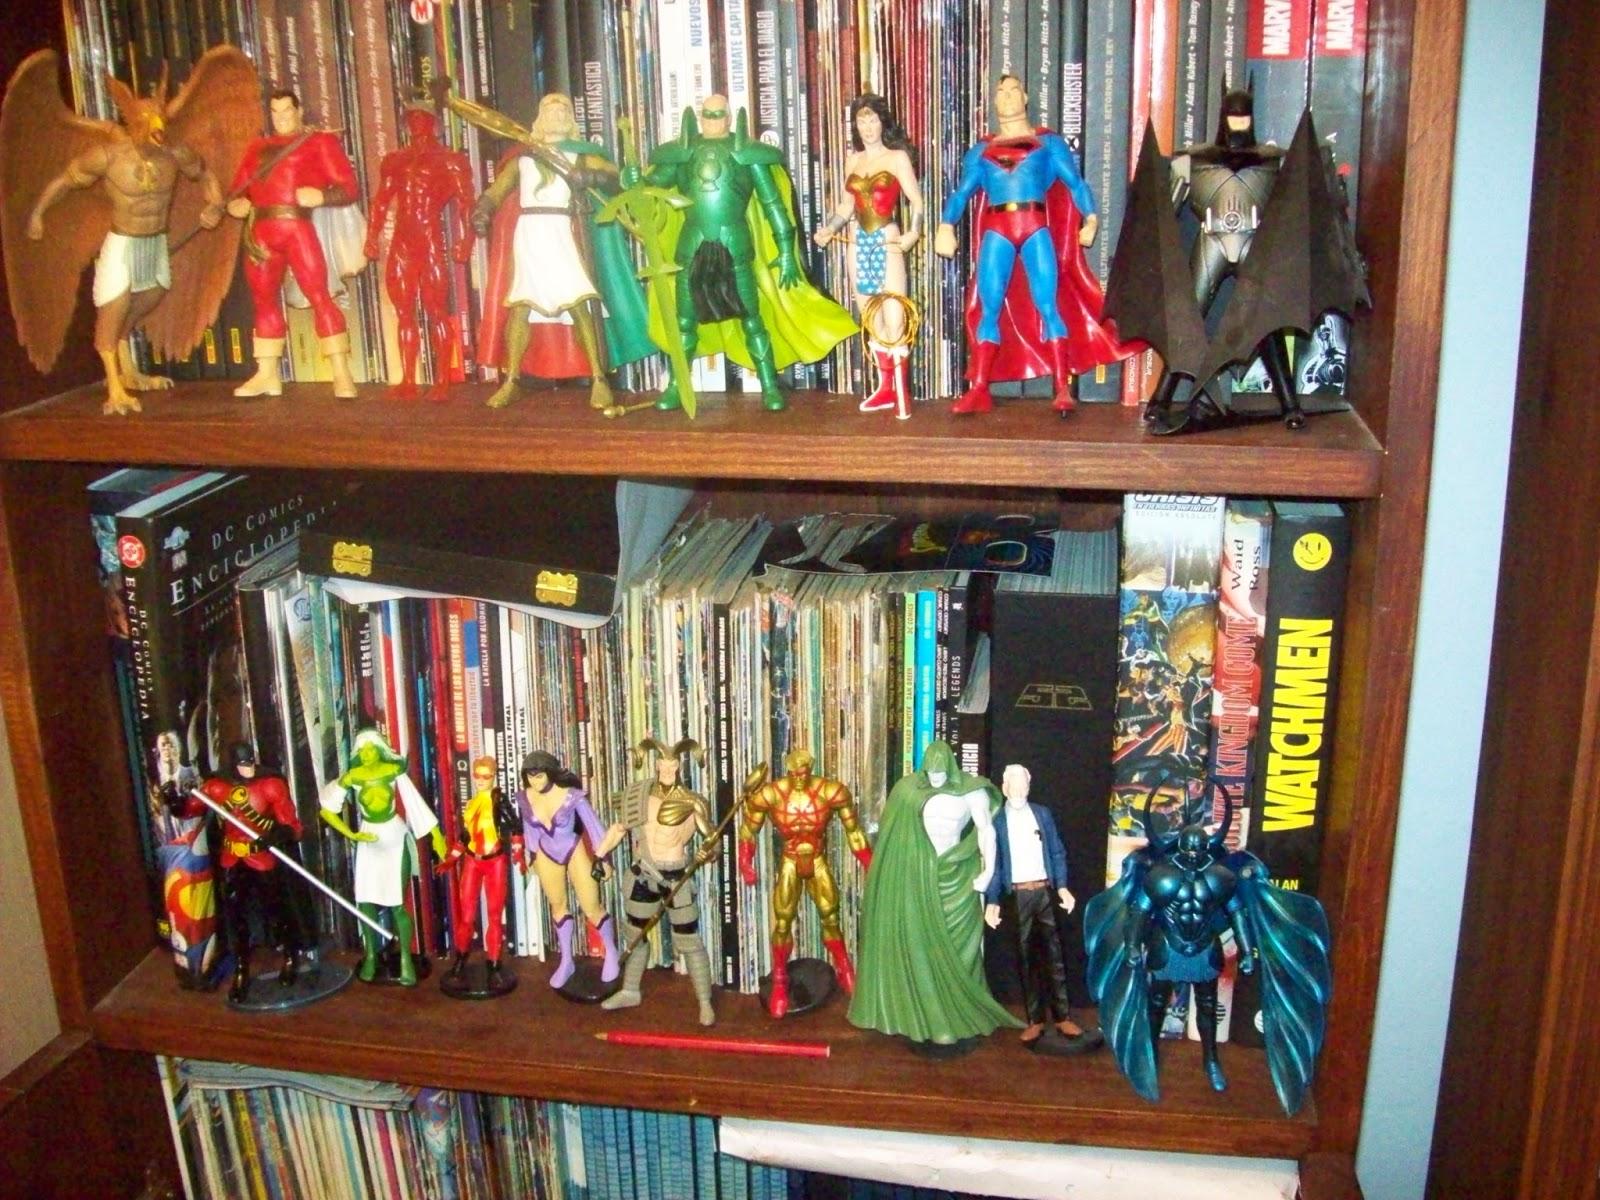 [COMICS] Colecciones de Comics ¿Quién la tiene más grande?  - Página 6 100_5475